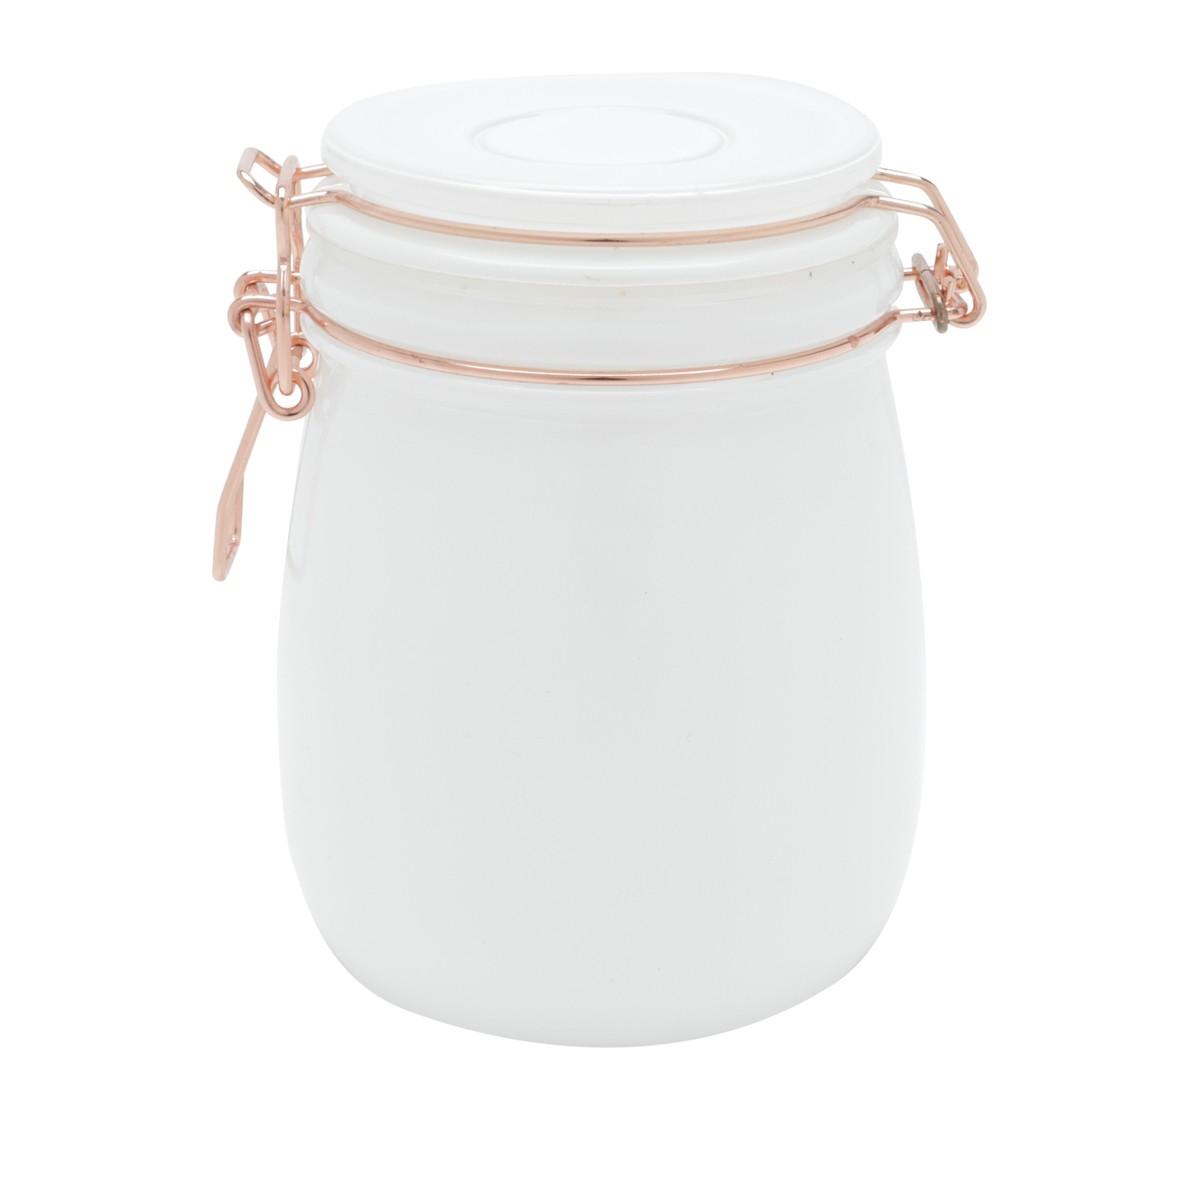 Pote De Vidro Solid Color Cooper Clip Branco E Rose Gold Urban